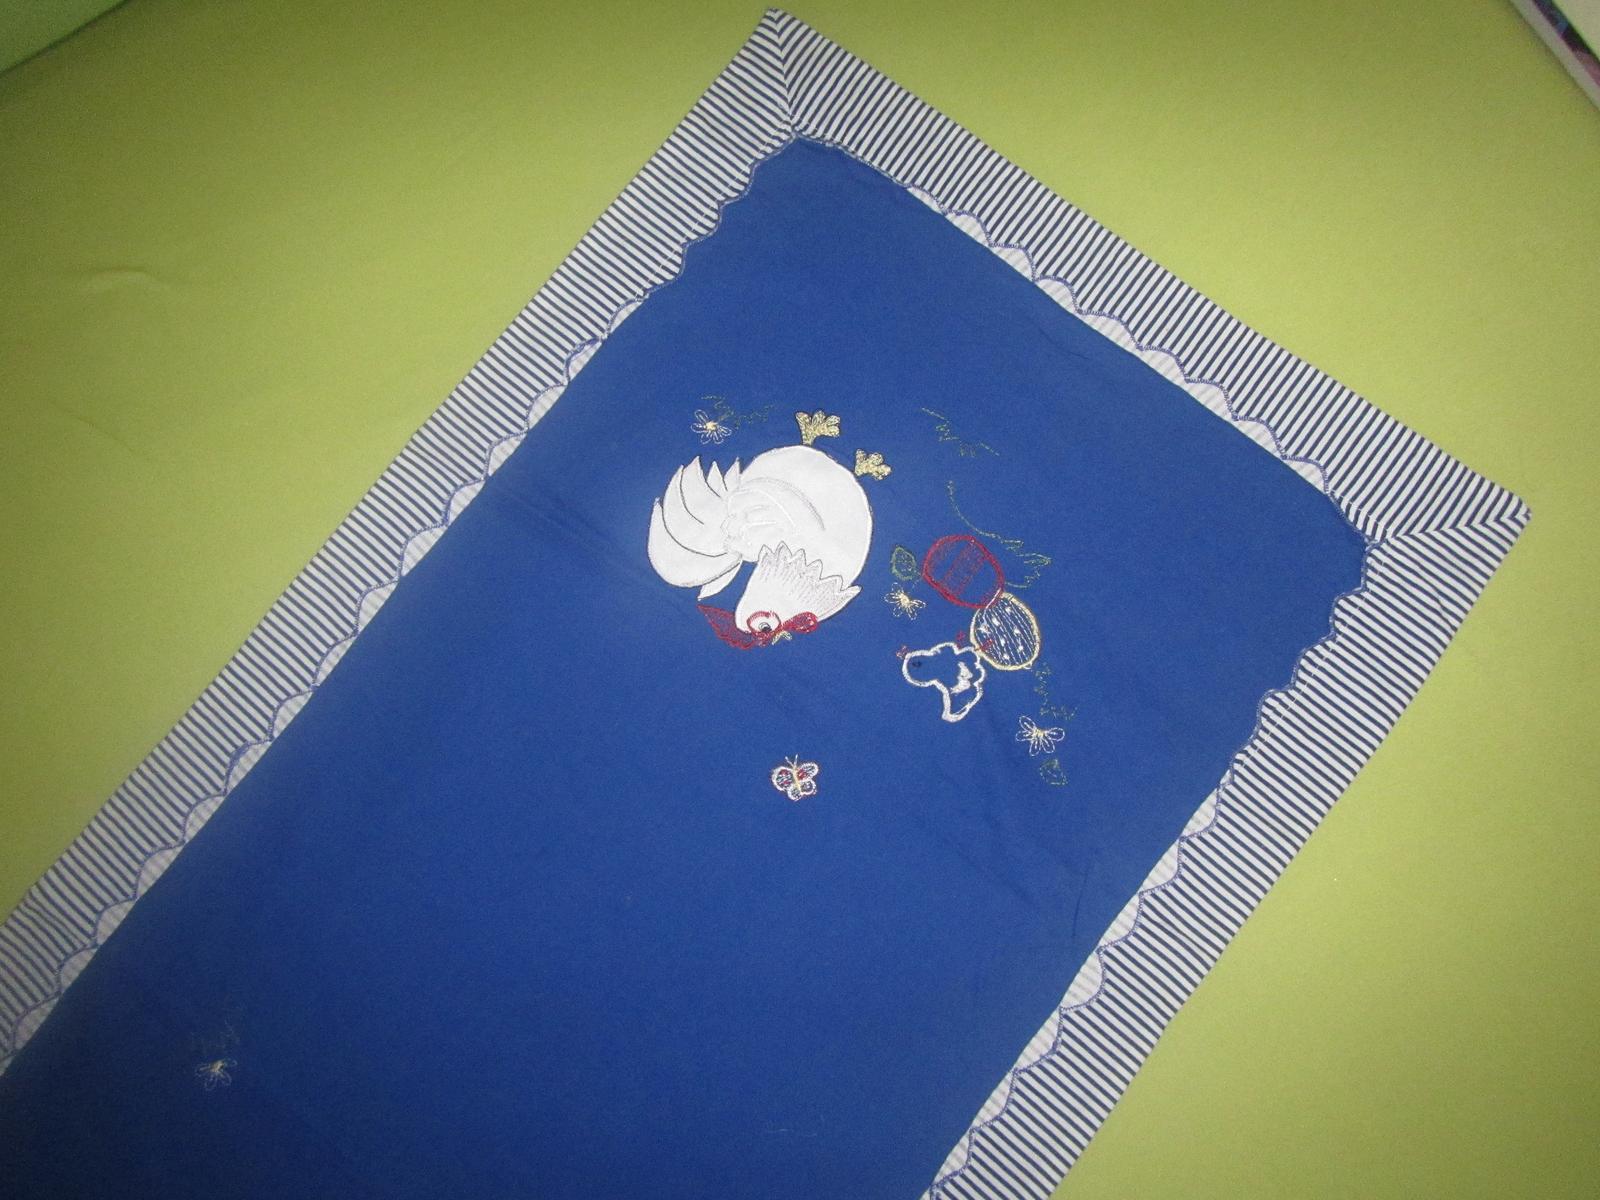 Ubrus běhoun na velikonoce, kohoutek, vajíčka - Obrázek č. 1